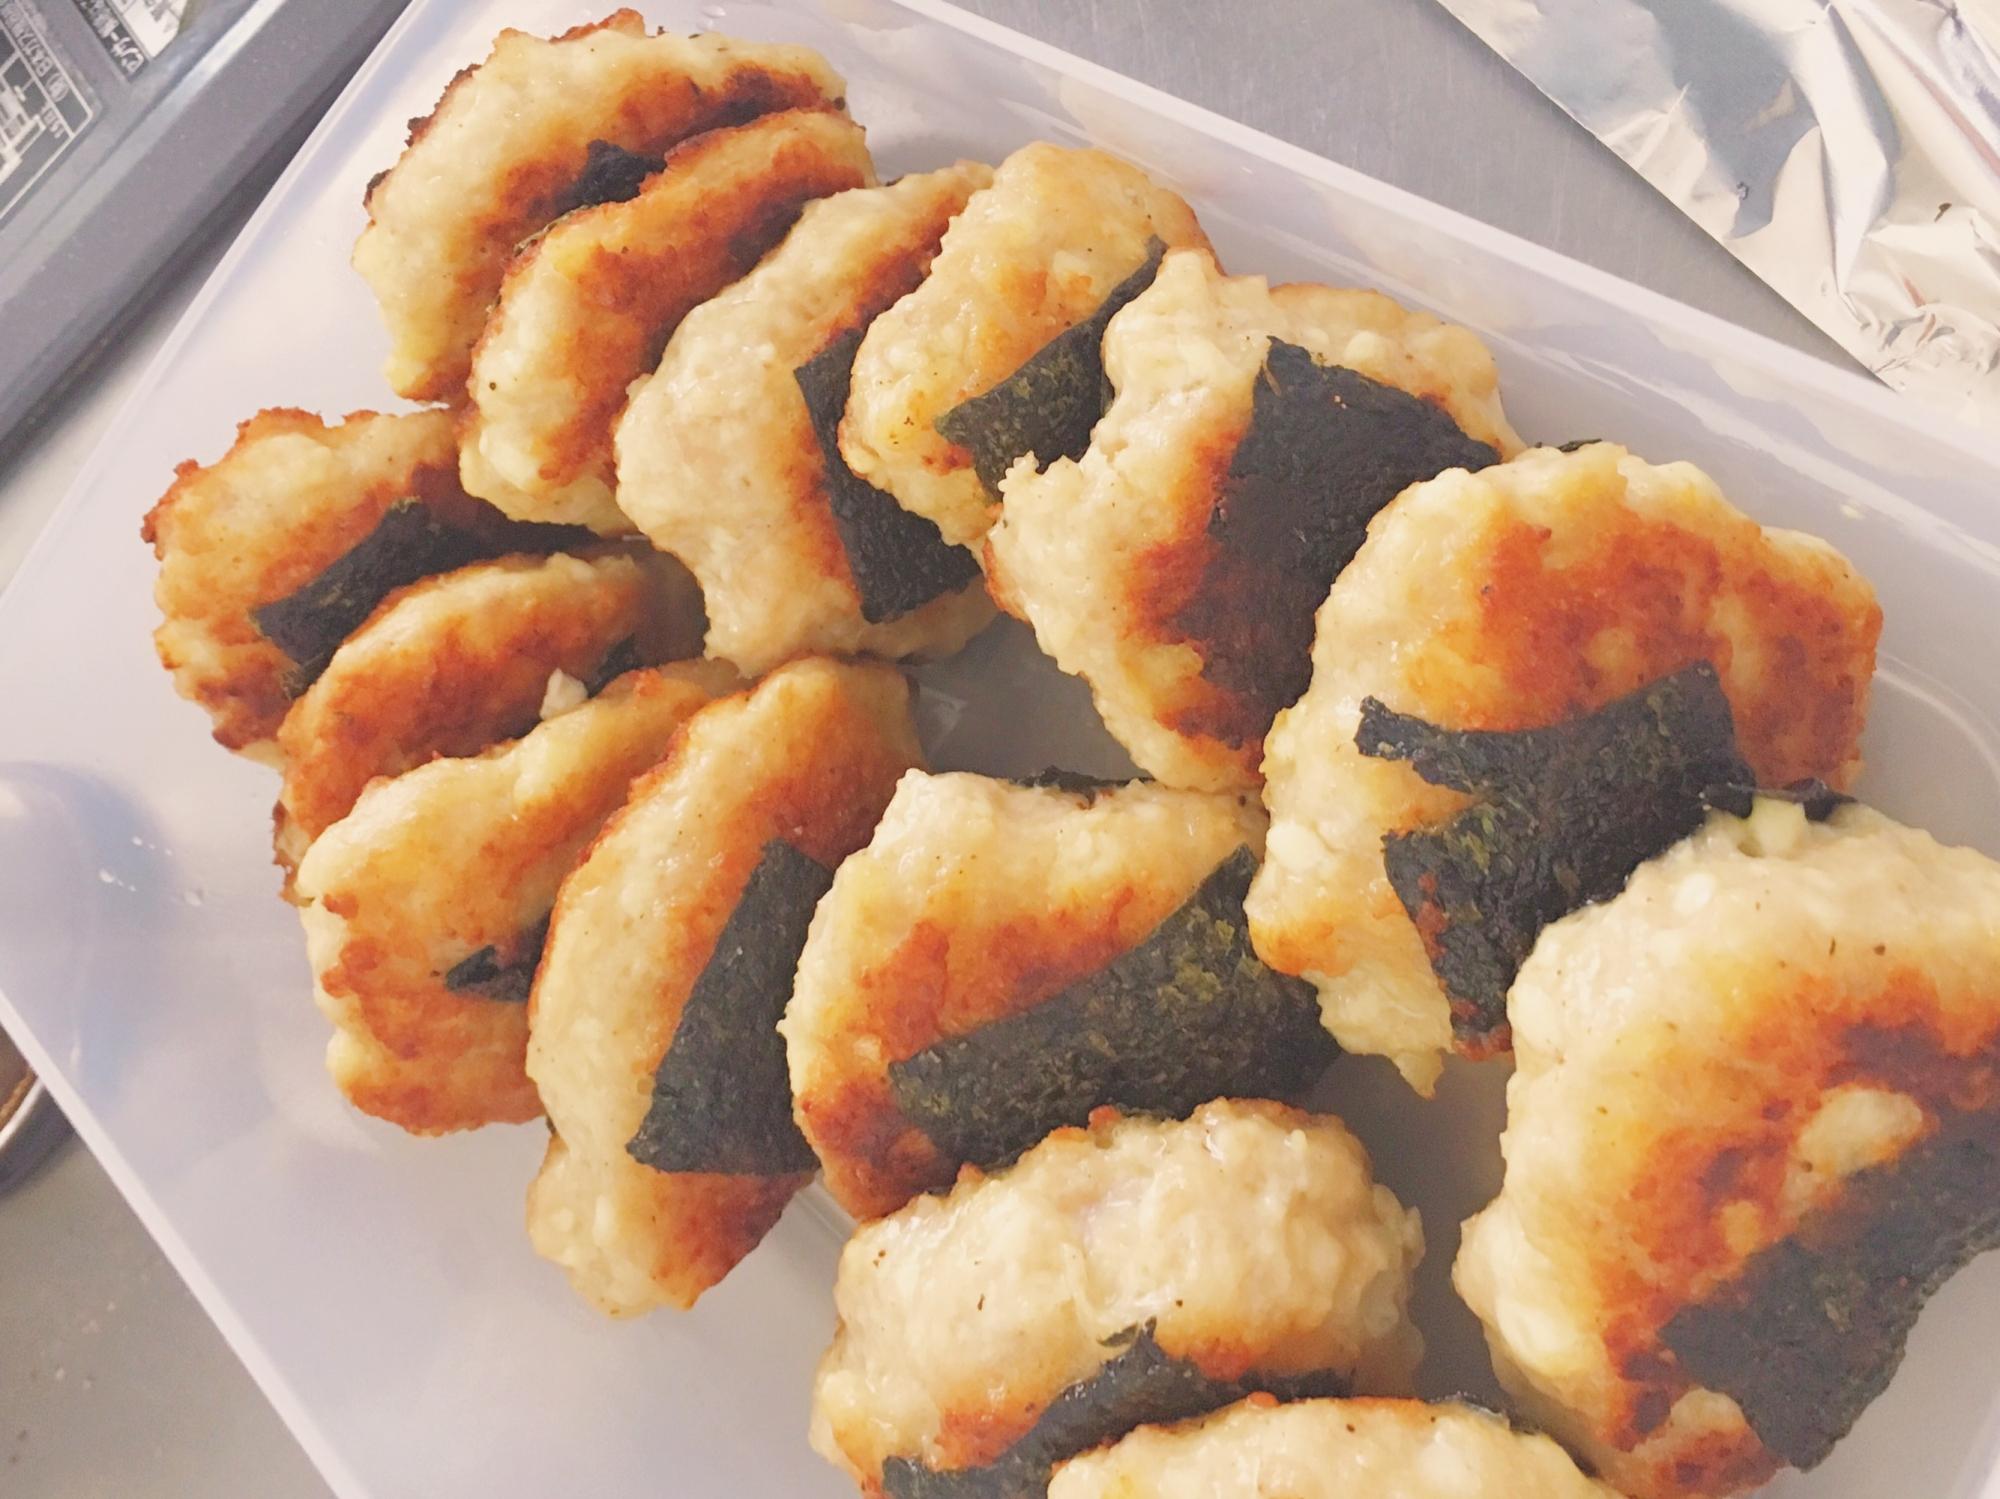 超ヘルシー豆腐メインの海苔チキン! レシピ・作り方